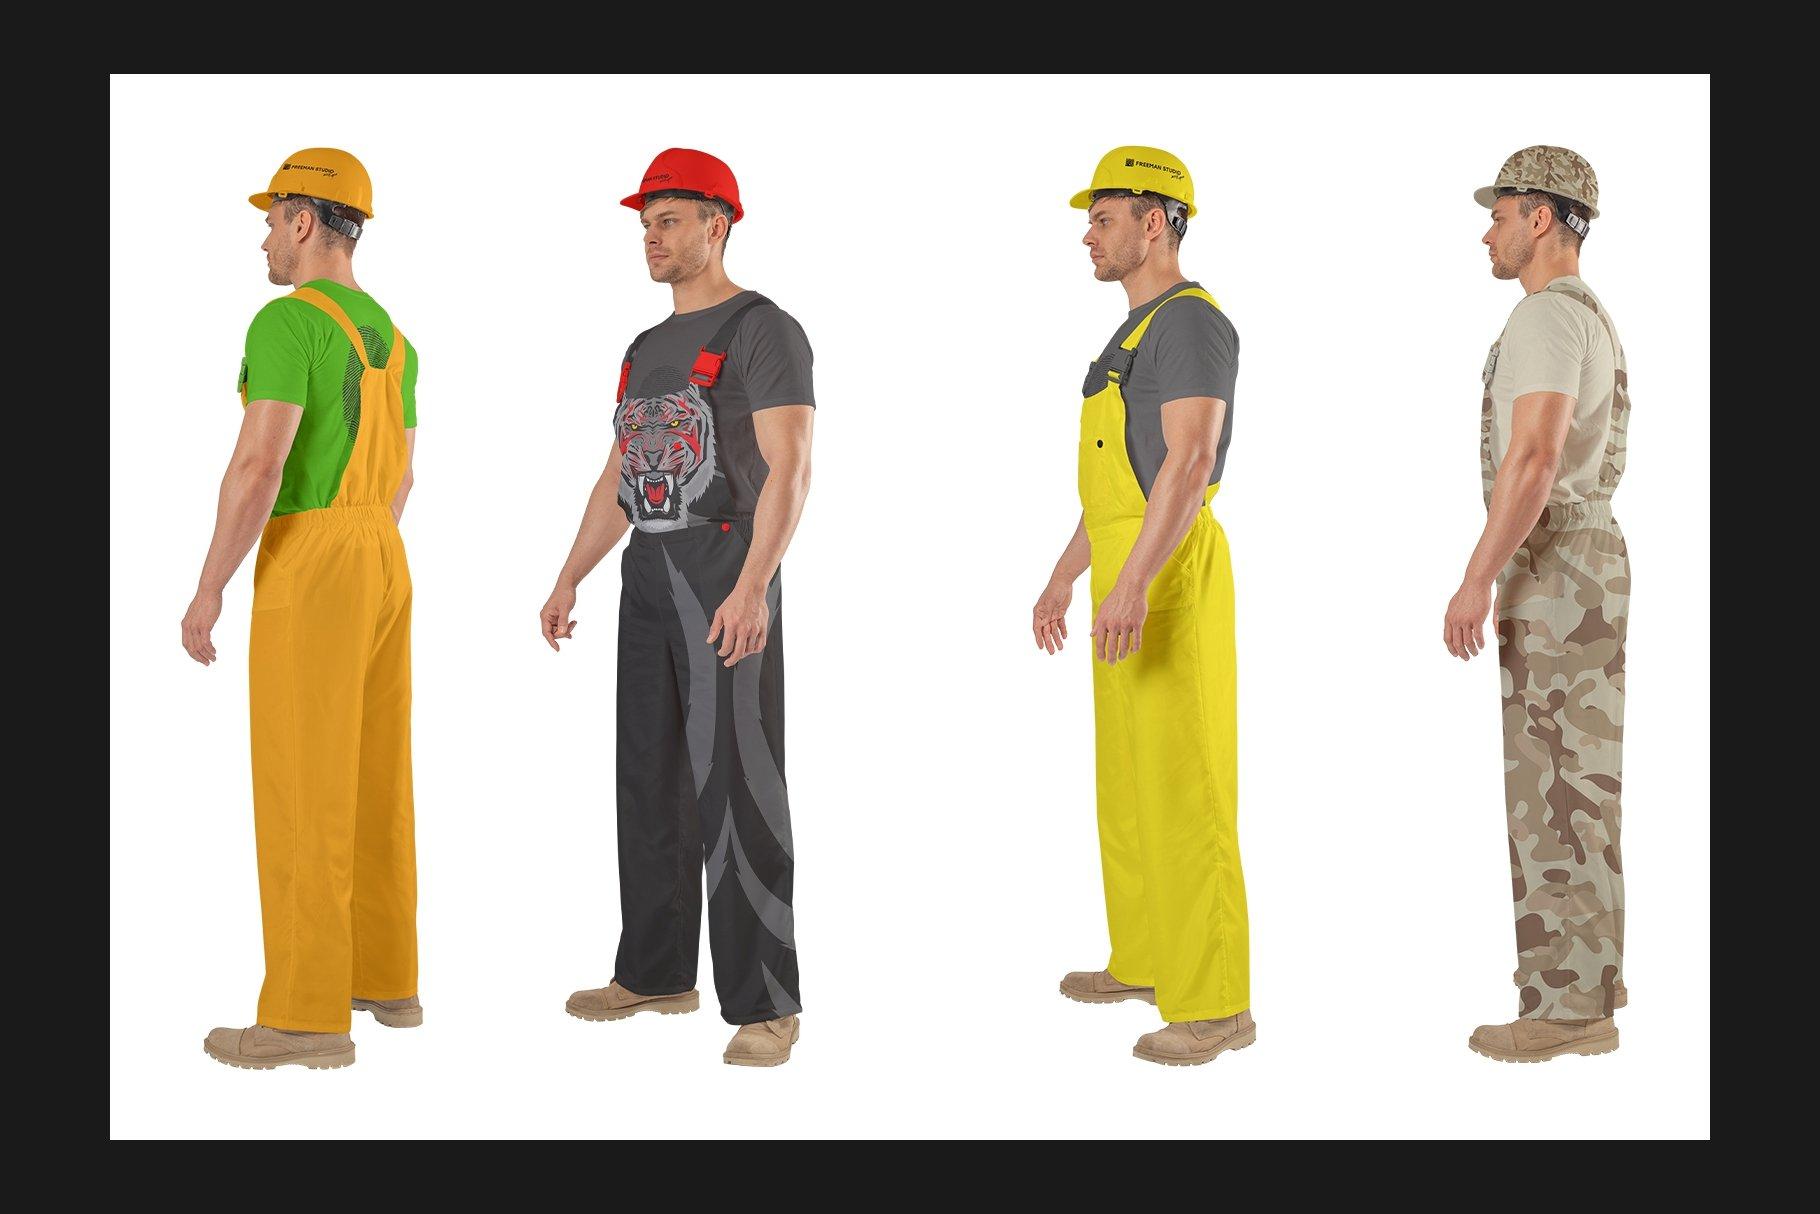 45个超大工装帽子安全帽品牌Logo设计智能贴图样机PSD模版素材 Working Overalls Suit Mock-Up Set插图6